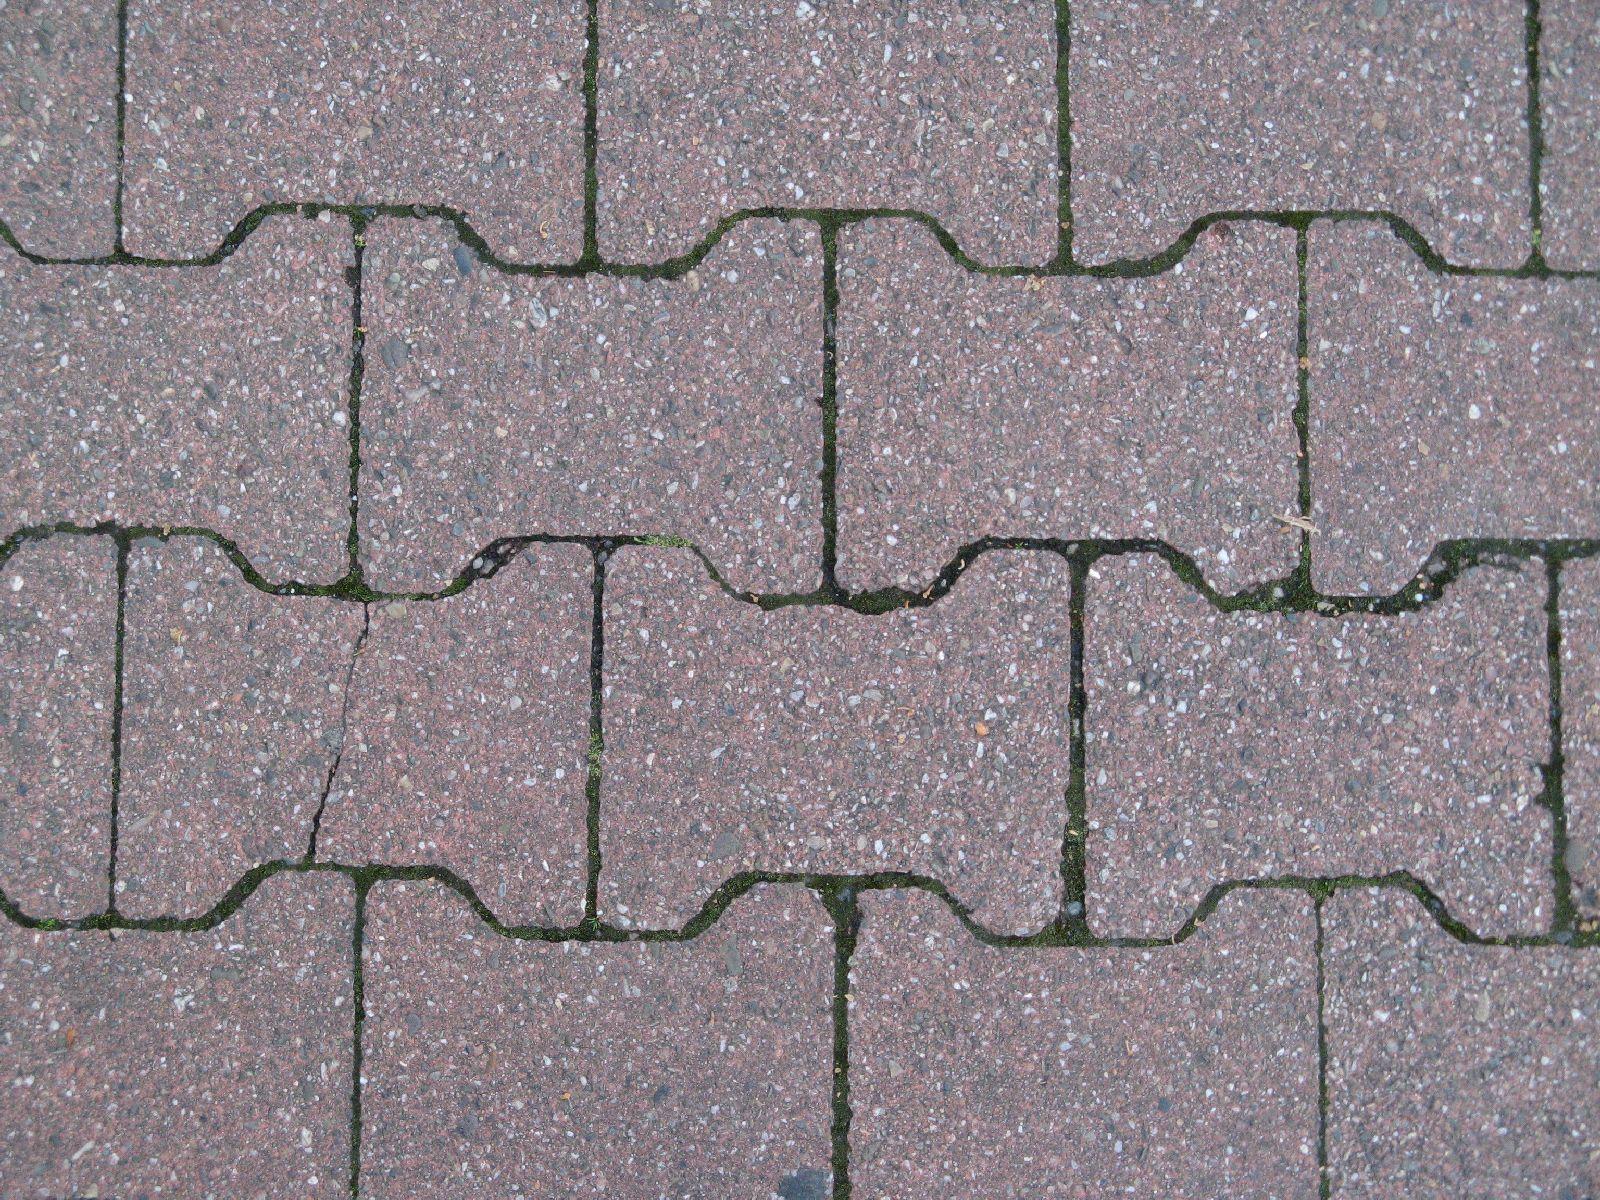 Ground-Urban_Texture_B_00716